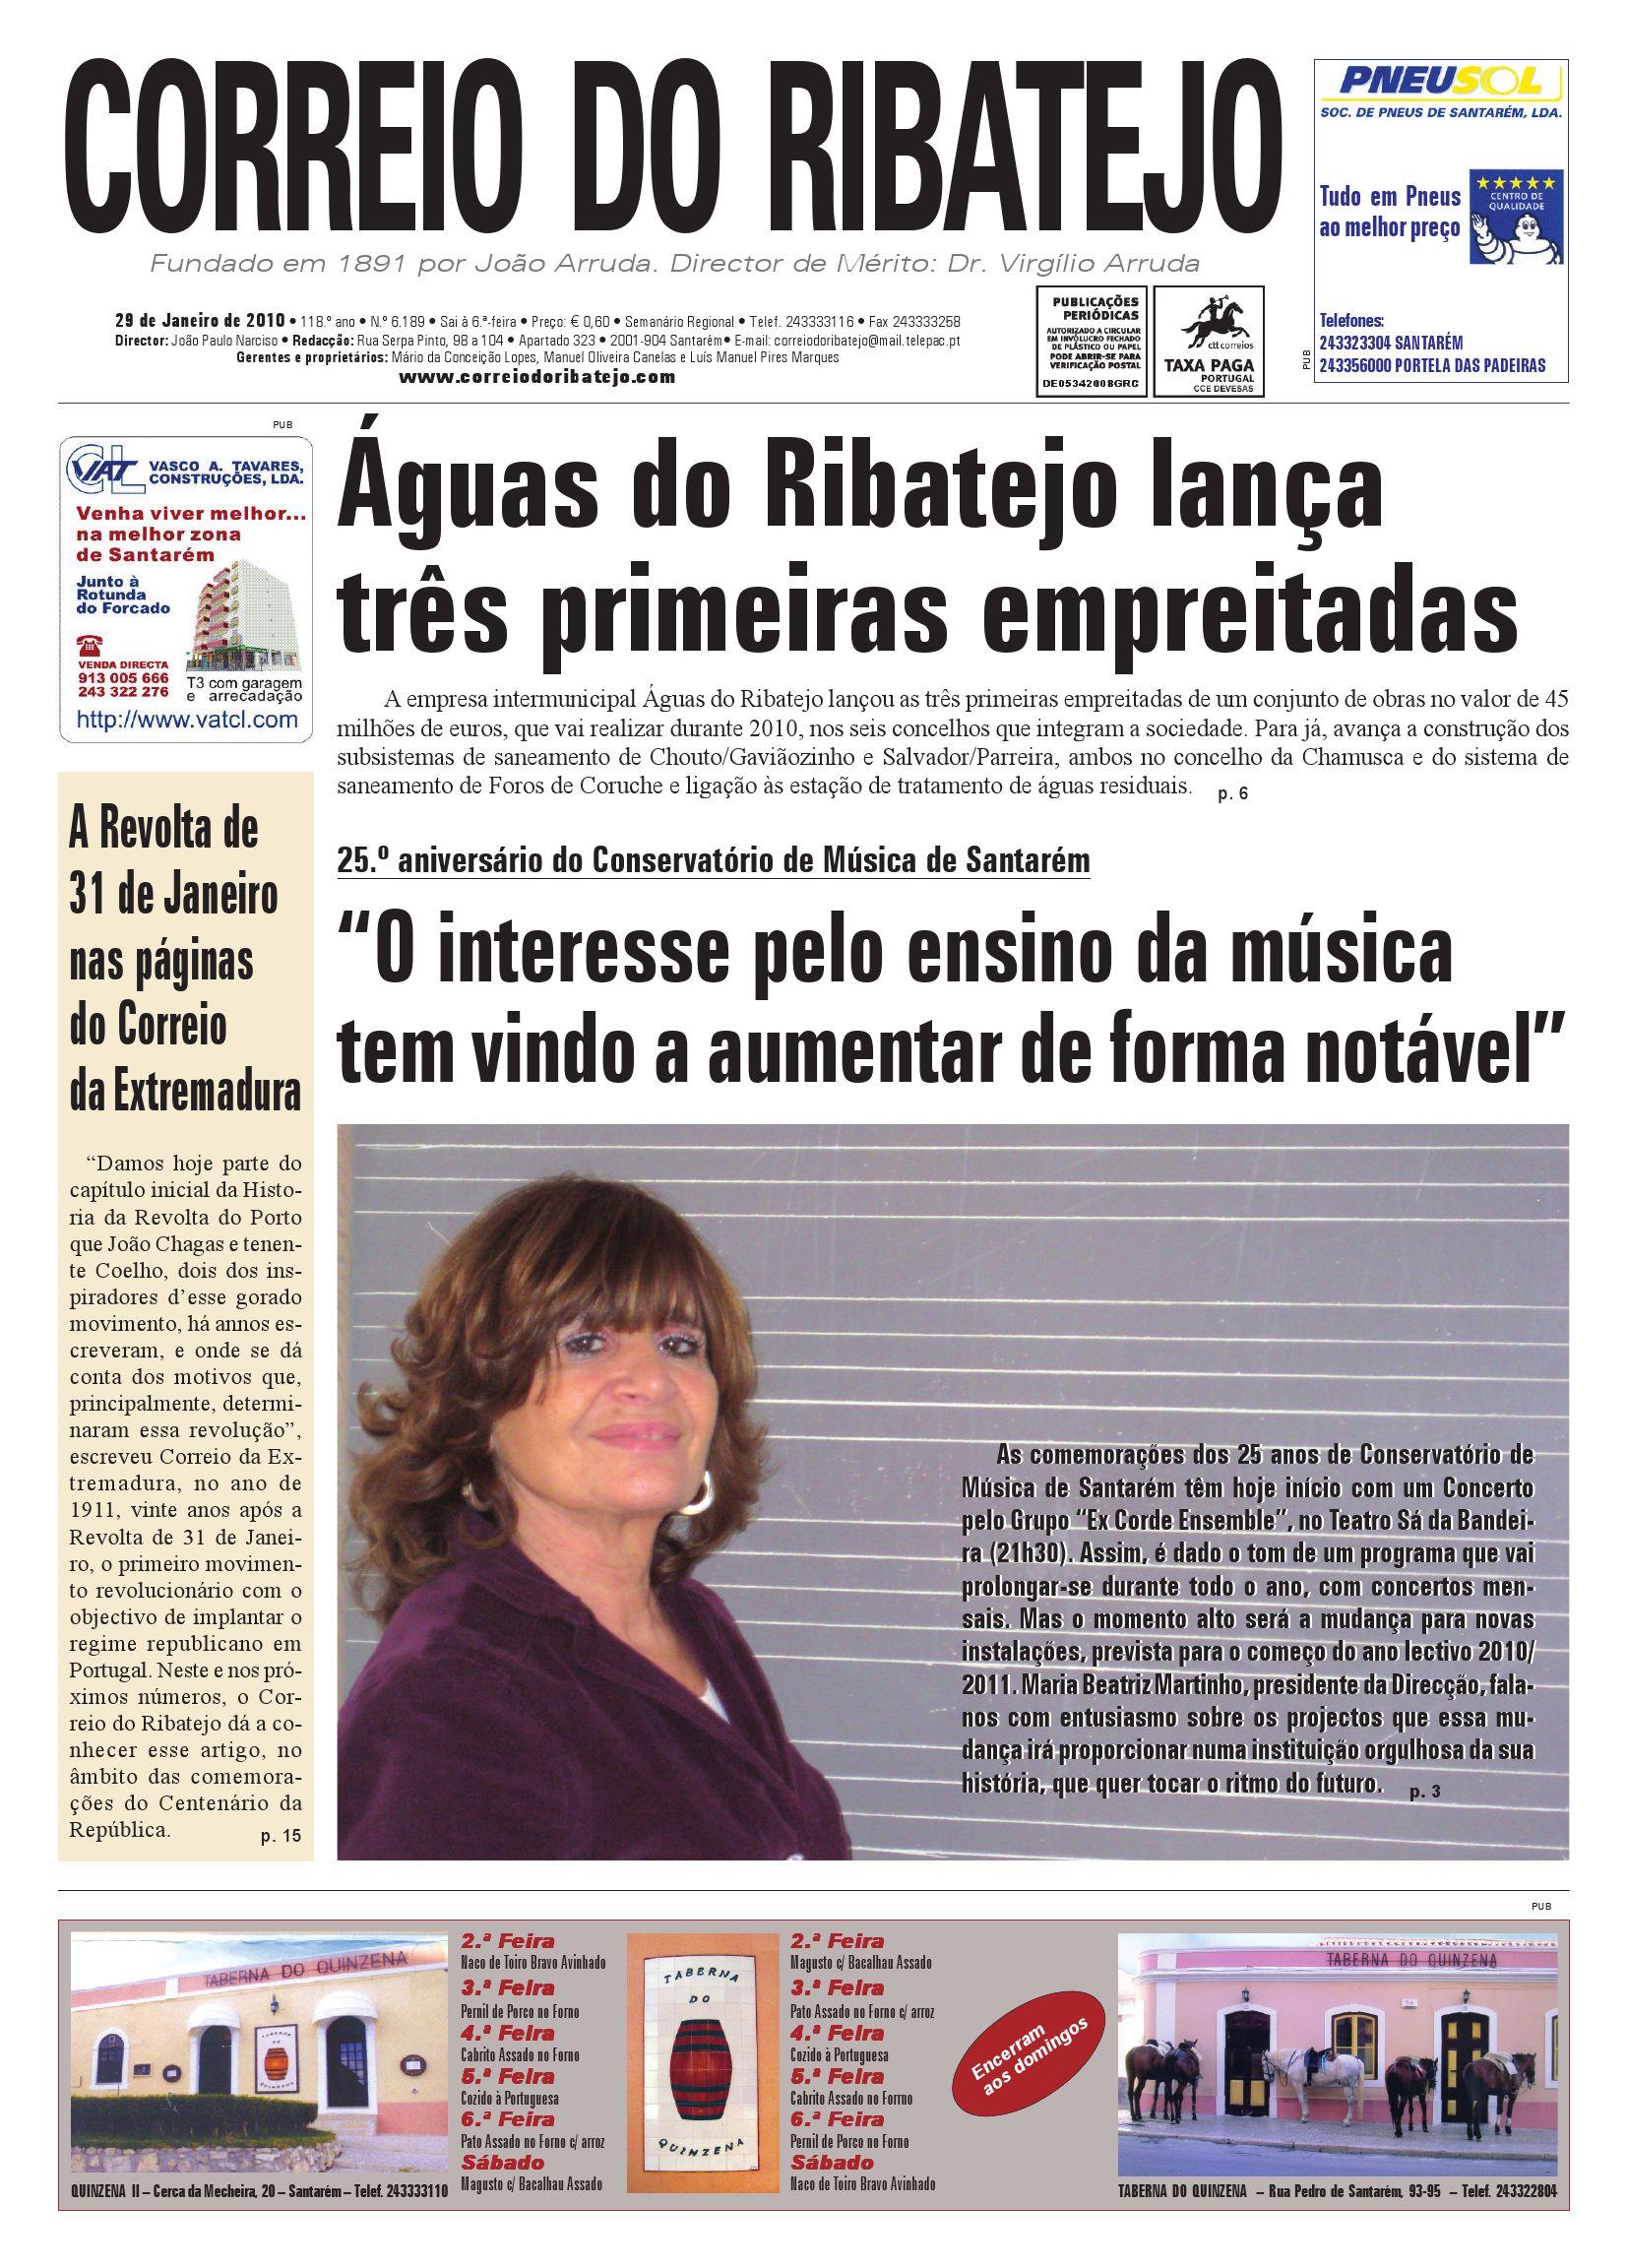 94c63abe67 Edição n.º 6.189 de 29 de Janeiro de 2010 by Correio do Ribatejo jornal -  issuu